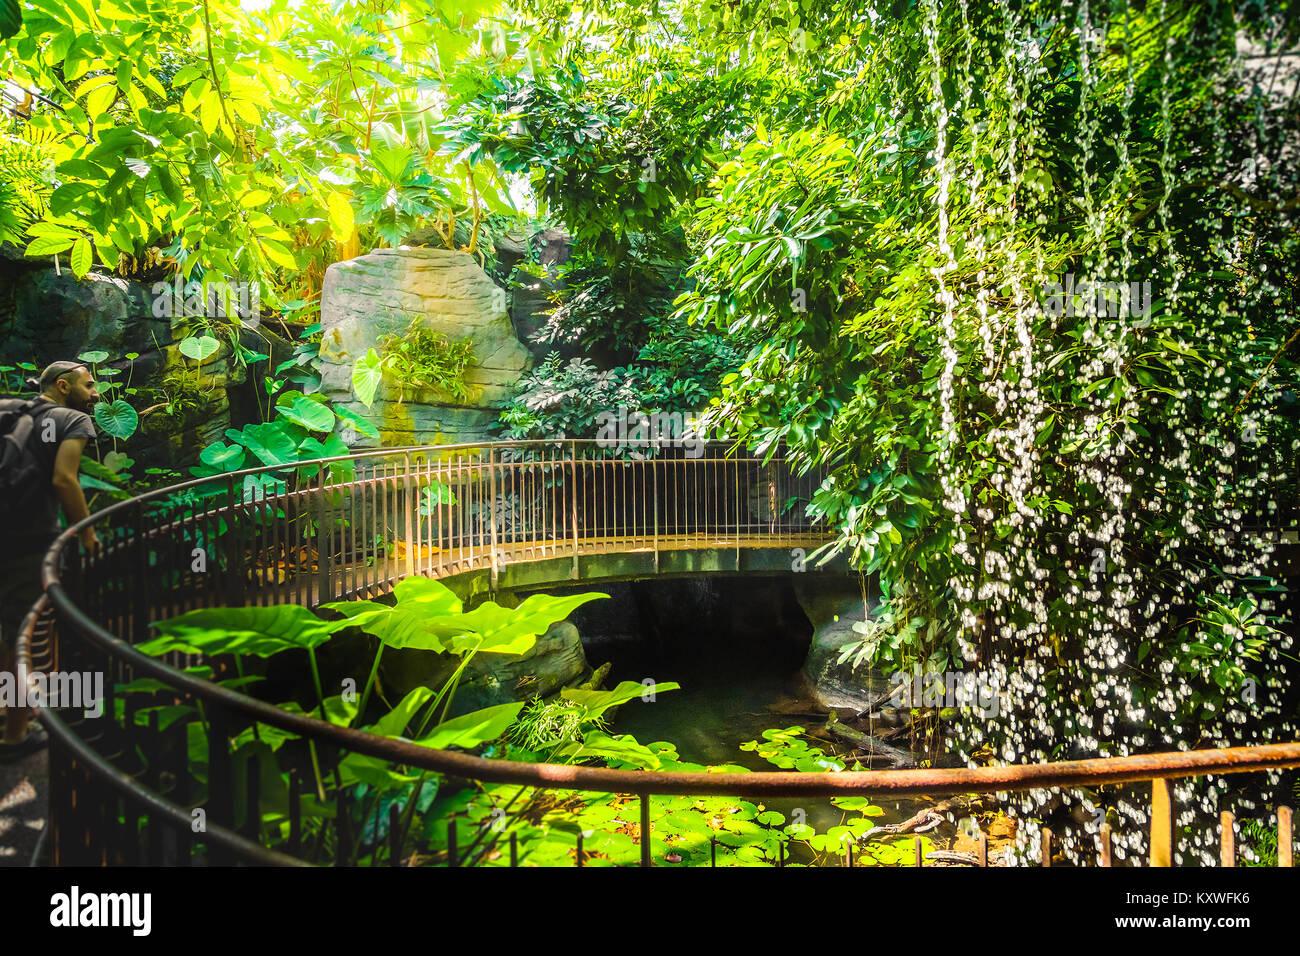 Tiefen Dschungel Wasserfall Abenteurer mann Explorer künstliche Geländer Stockbild